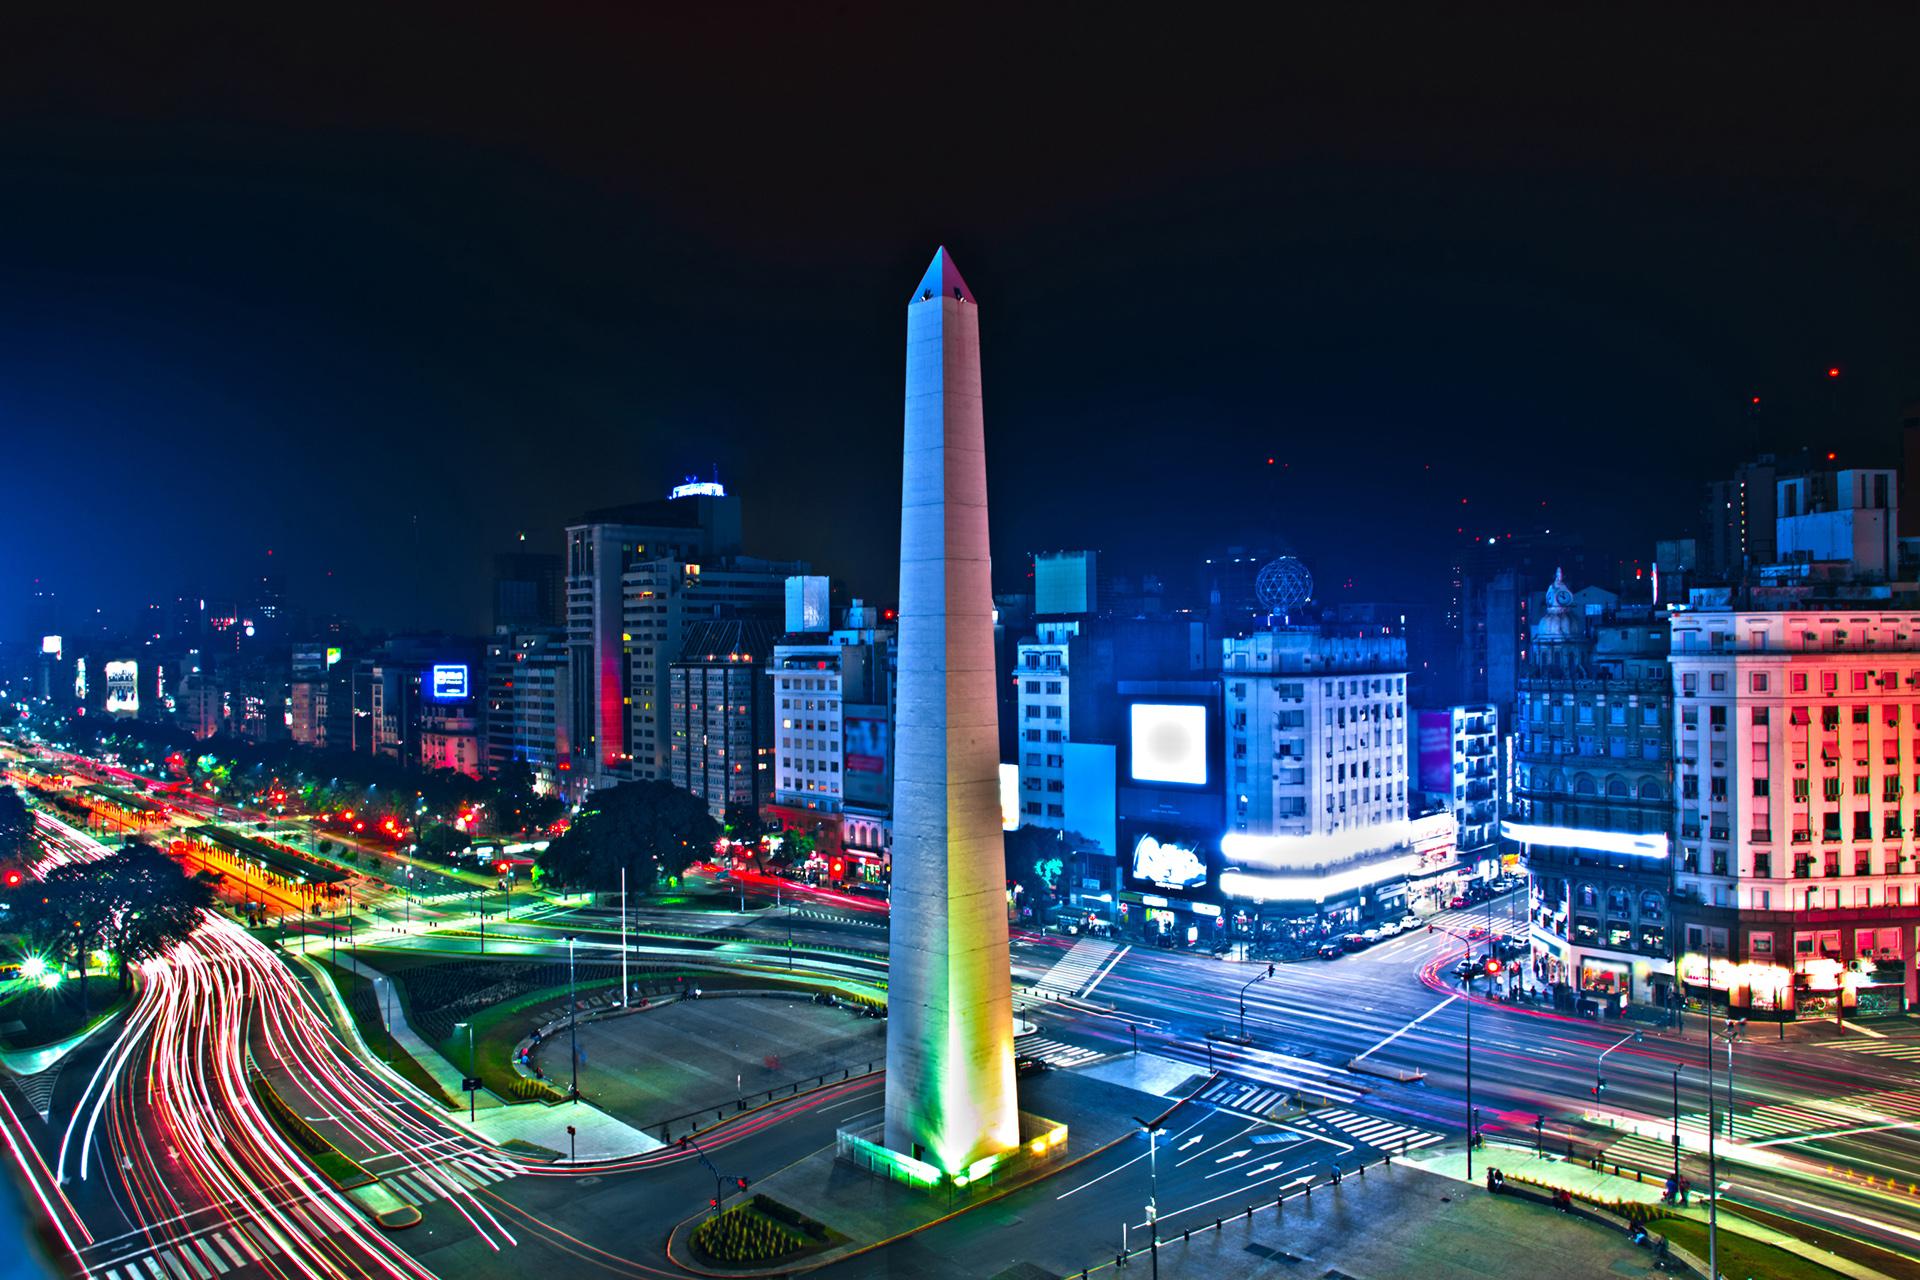 Buenos Aires está ubicada en el puesto número 20 según Flight Network. Destaca al barrio de La Boca por sus coloridas casas, los asadores que están a la vista y los fanáticos del fútbol que se pueden ver en cada esquina. Otro de los puntos emblemáticos de la ciudad es el Obelisco, ubicado en la Avenida 9 de Julio y Avenida Corrientes, por allí pasan miles de vehículos y personas todos los días